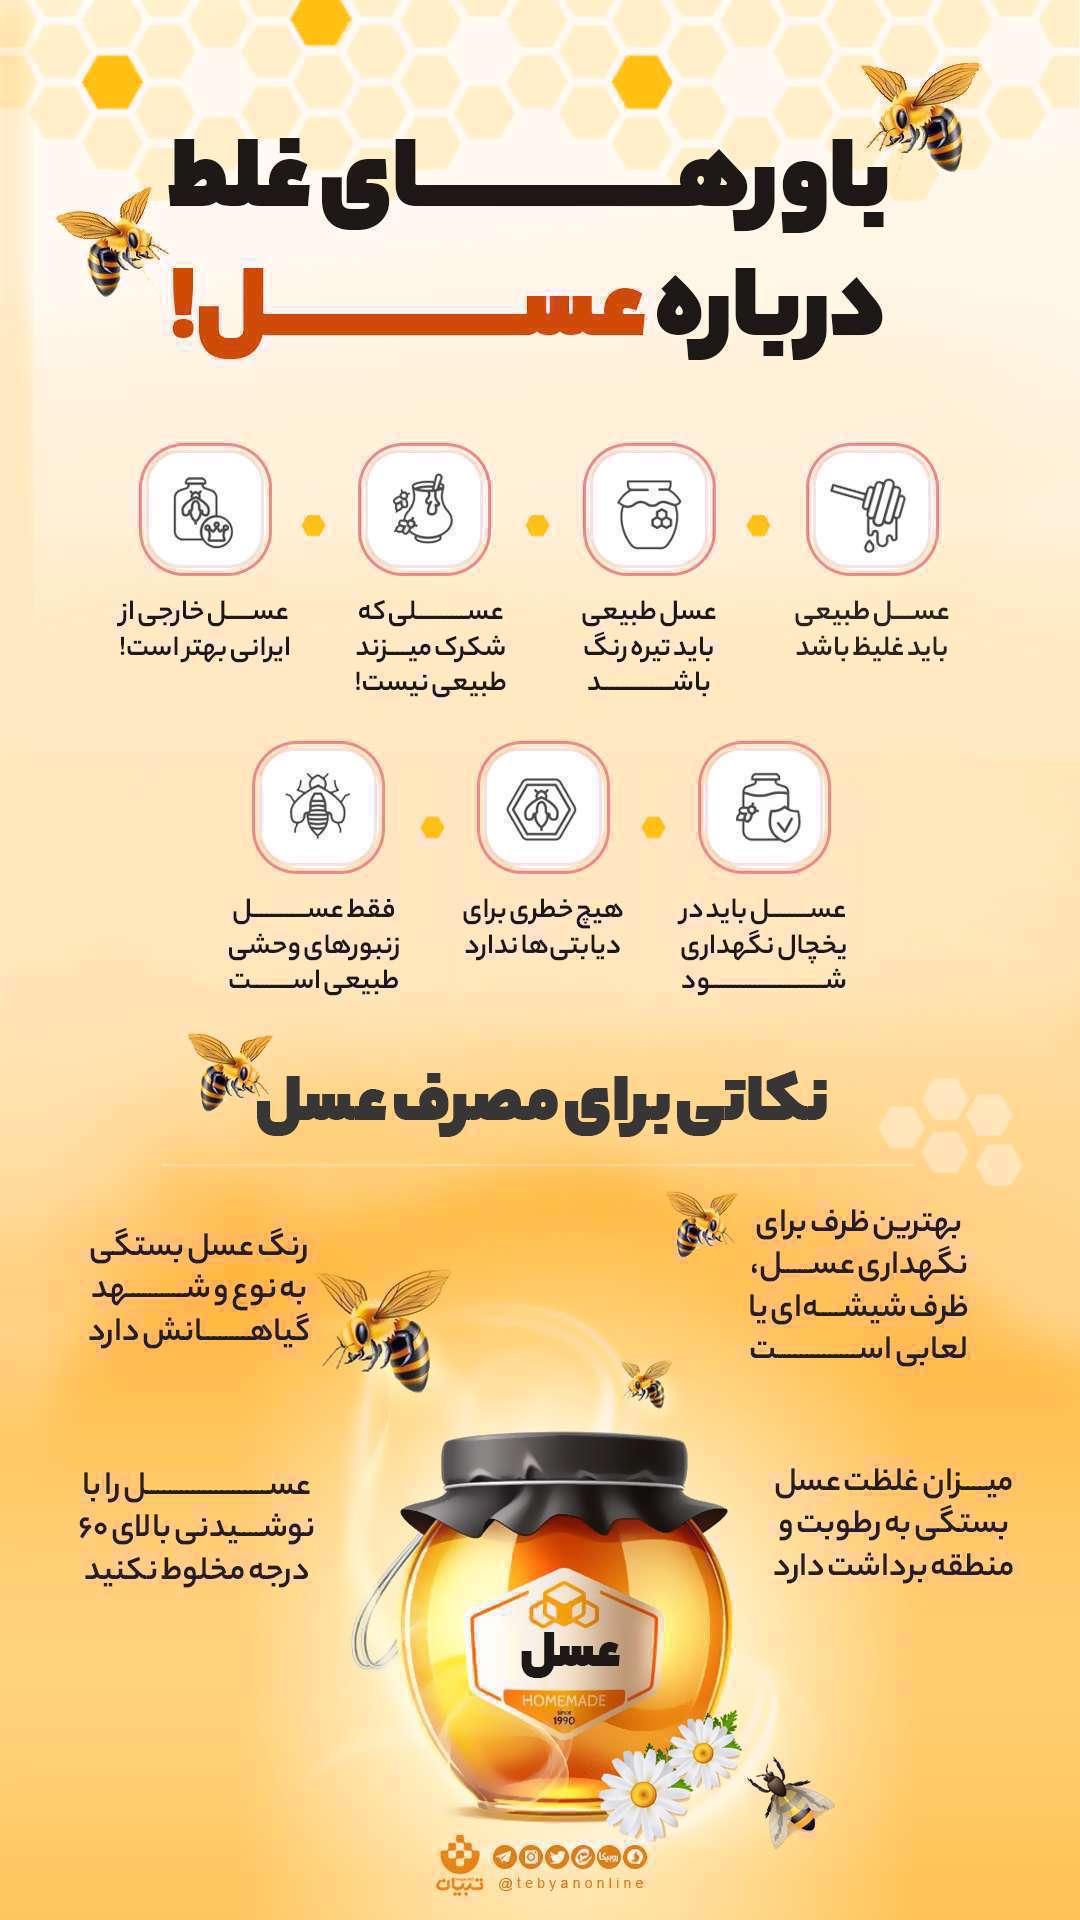 باورهای غلط درباره عسل - اینفوگرافی